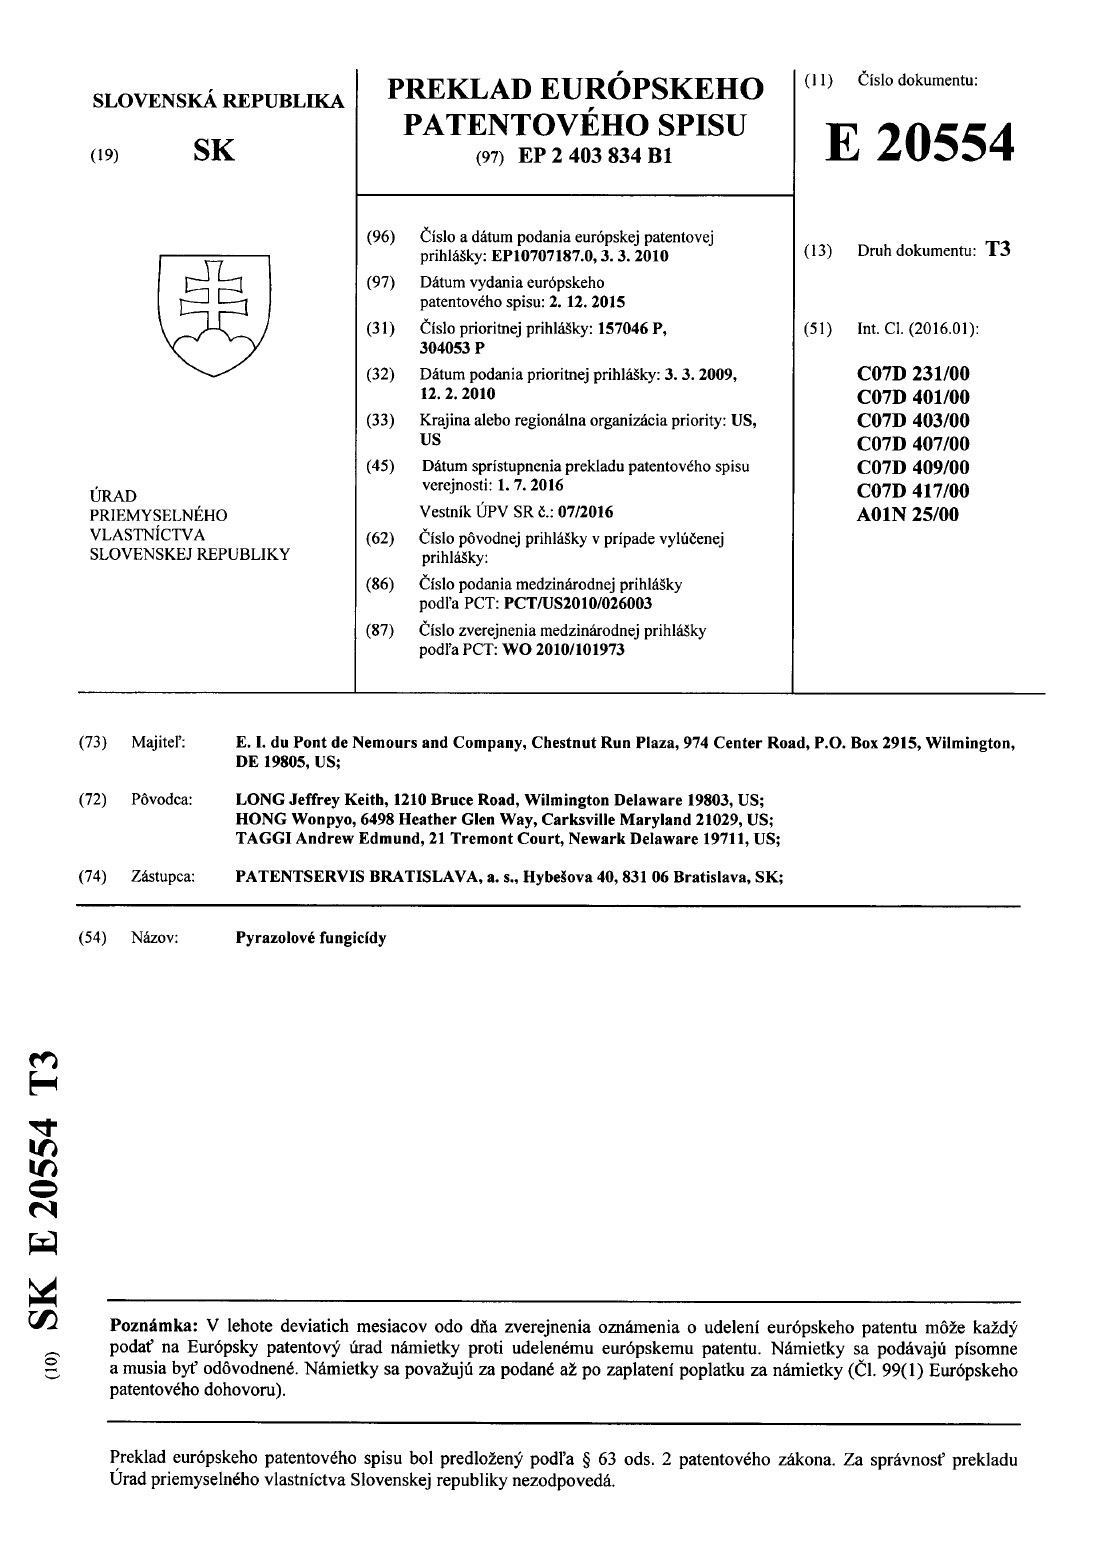 ... Číslo patentu  E 20554 ... a65788997f0